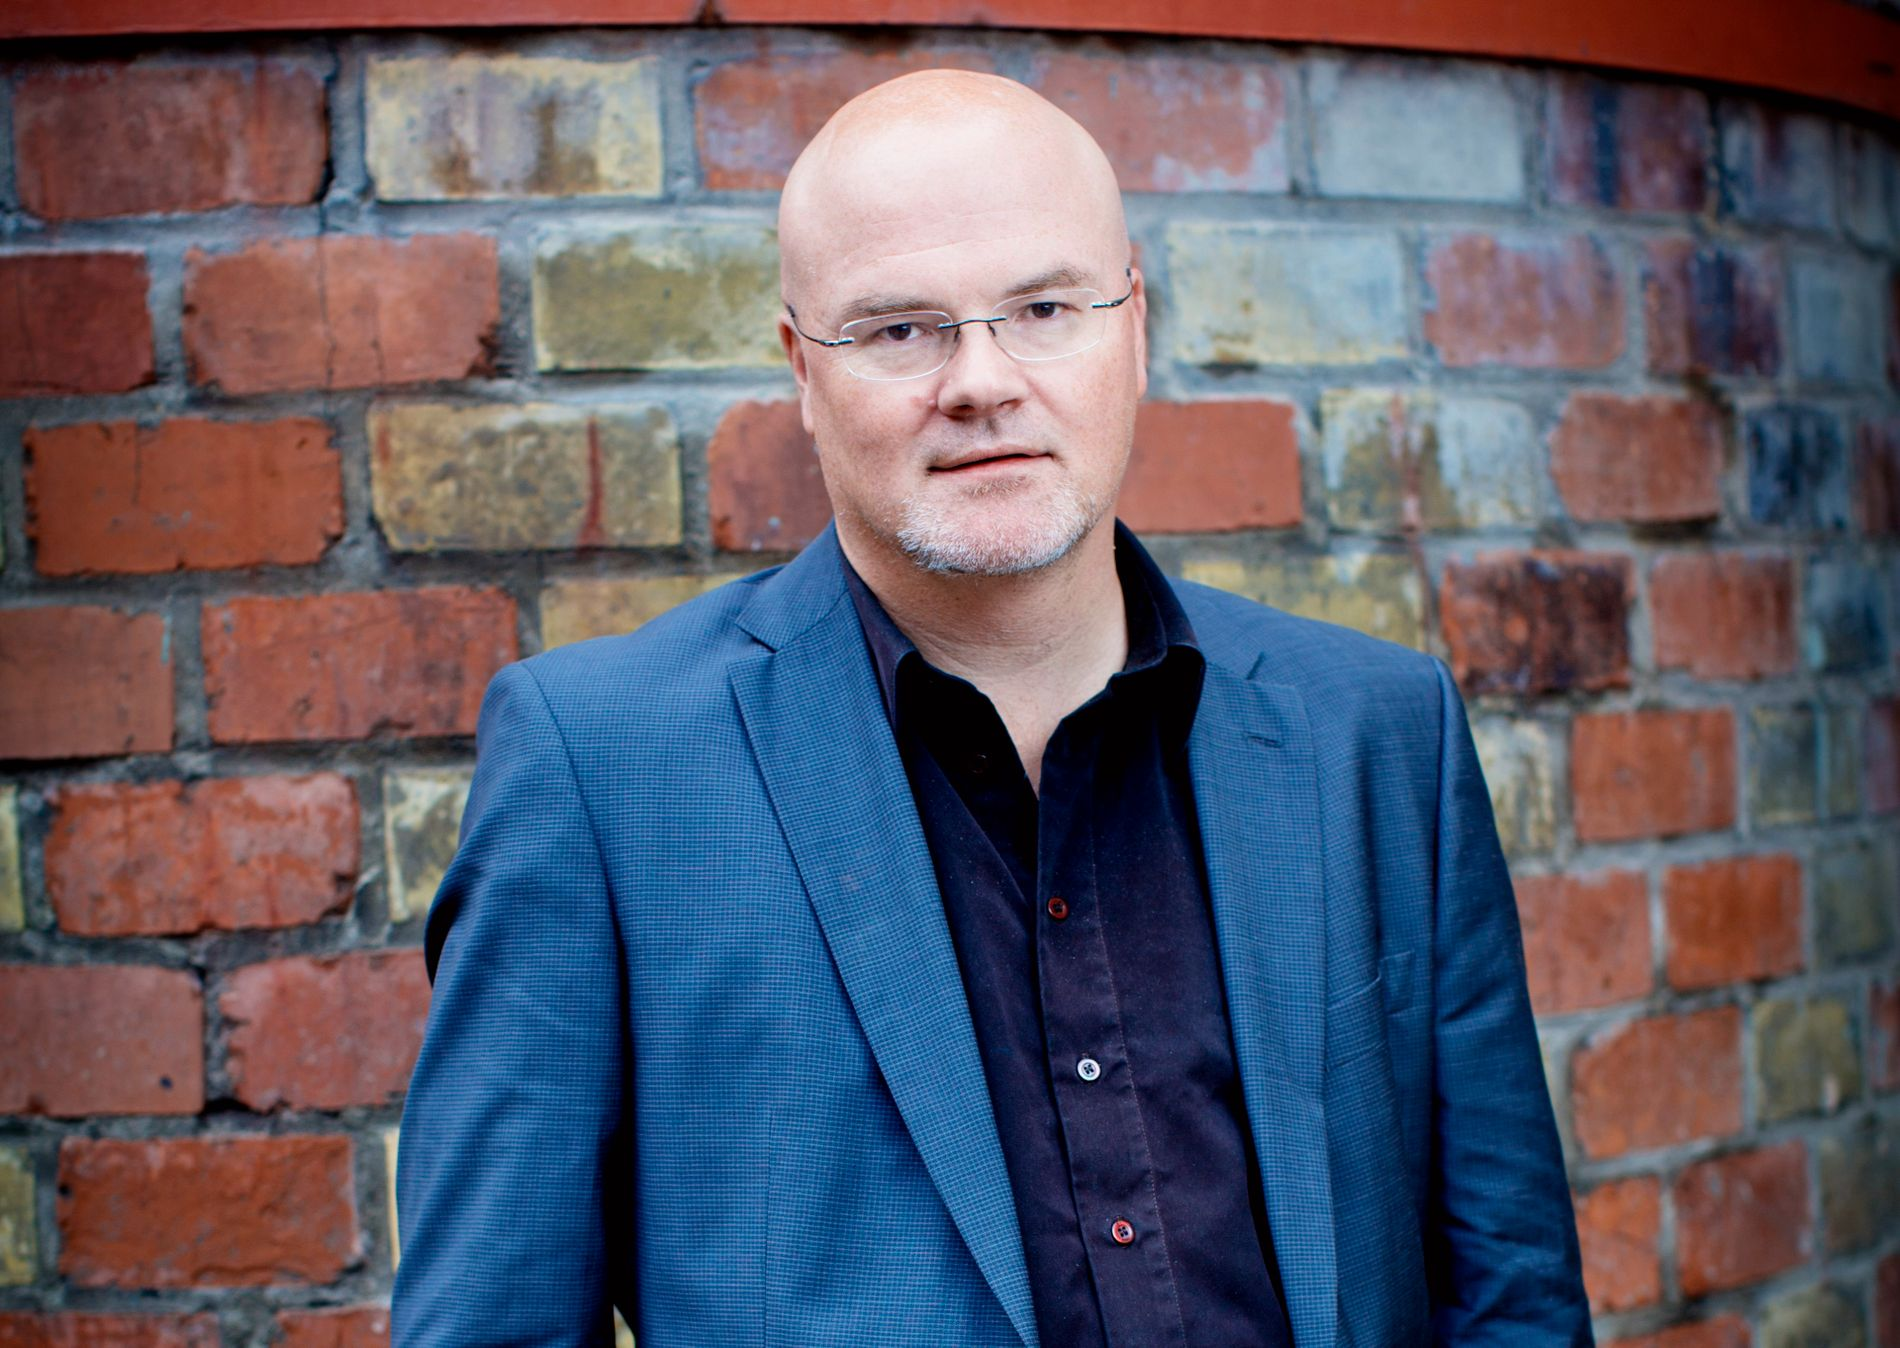 VIL HA JOBBEN TILBAKE: Tidligere professor Nils Rune Langeland har sendt en stevning til Oslo tingrett mot Kunnskapsdepartementet, fordi han mener han fikk sparken på feil grunnlag.